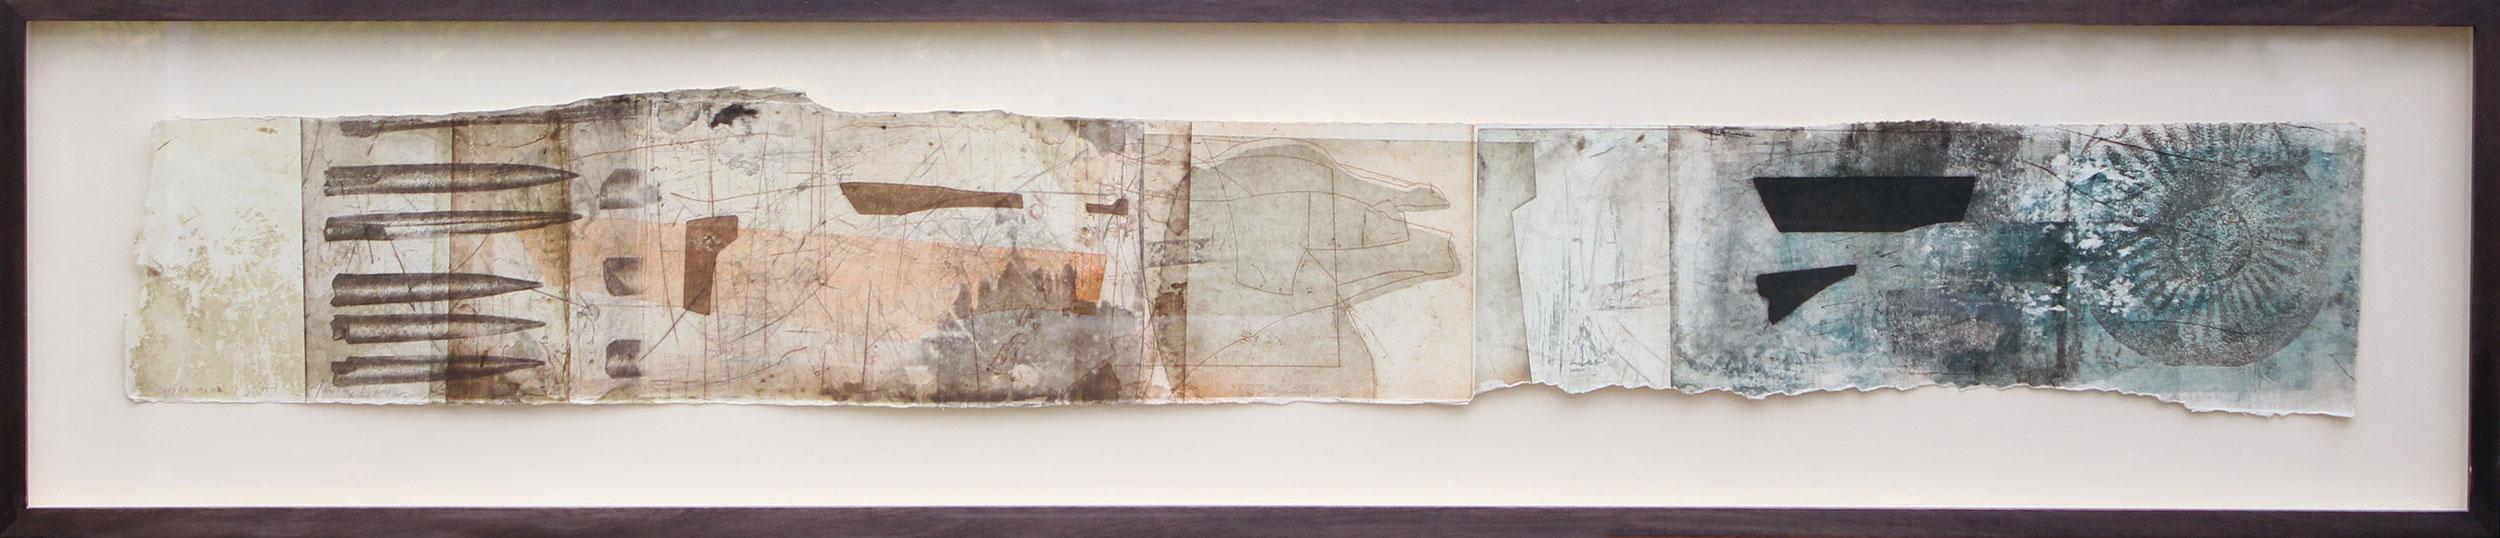 Swyre Head, Dorset, Intaglio Monoprint by Jeremy Gardiner